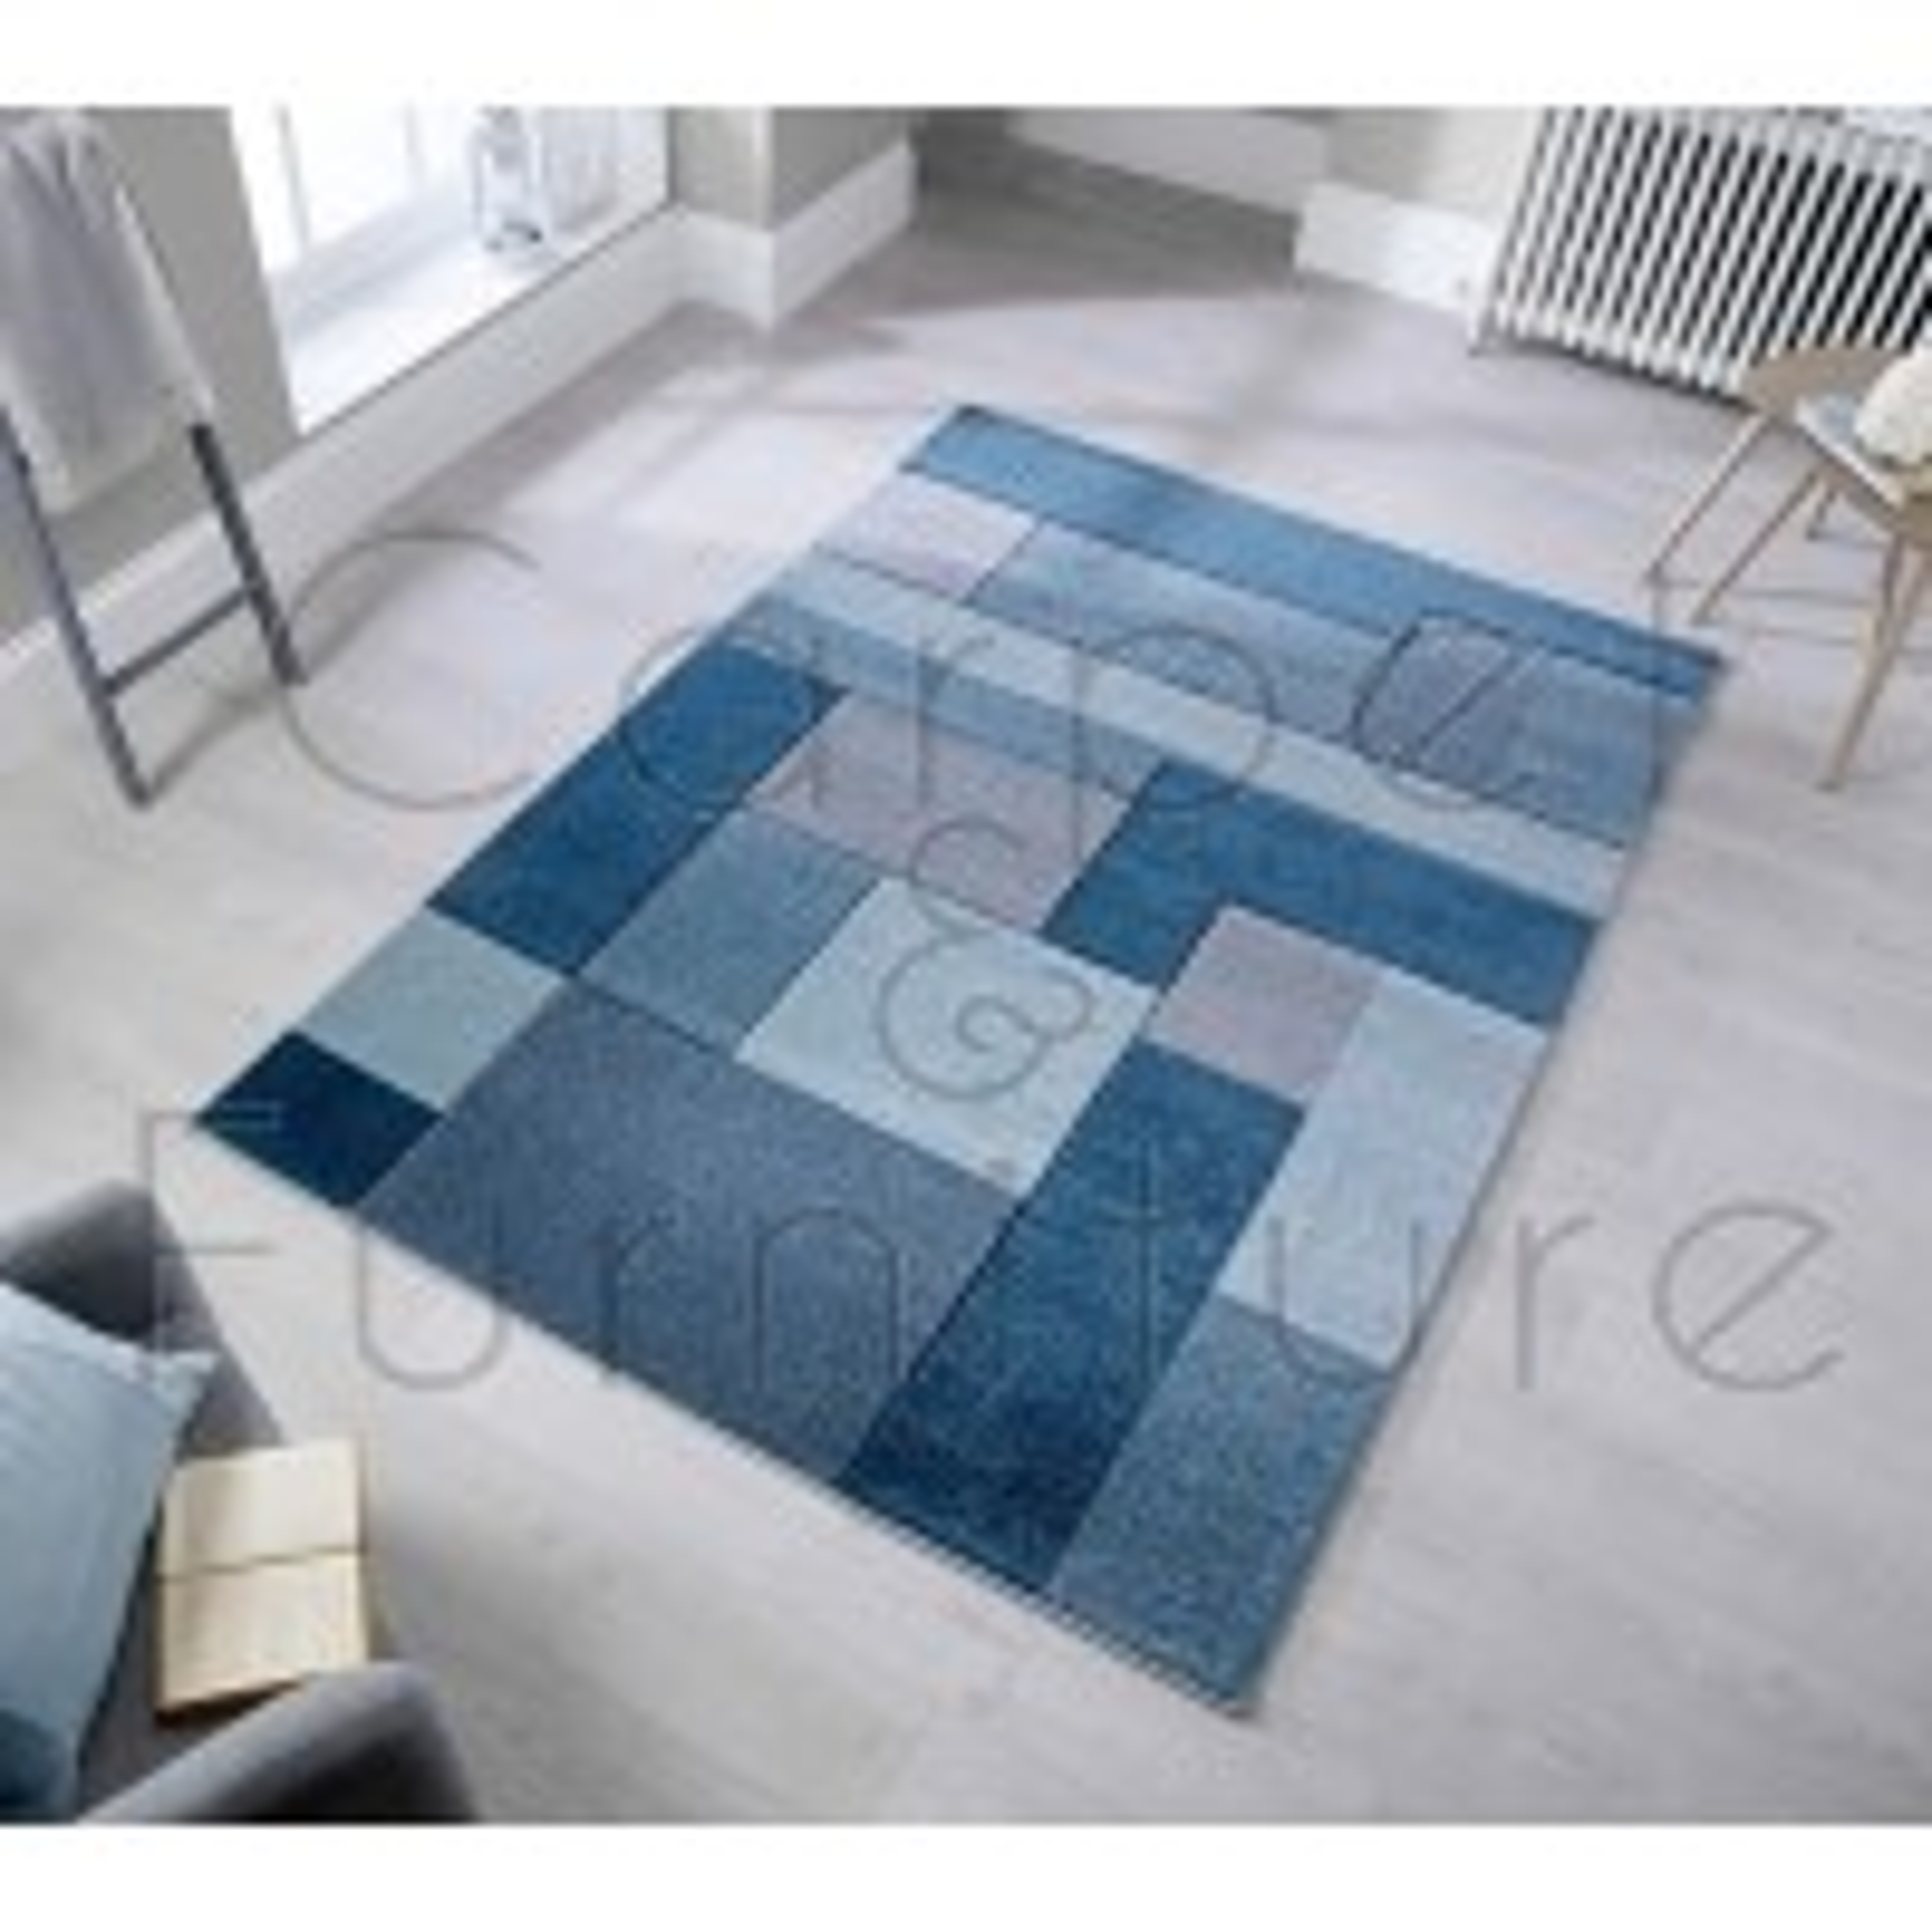 """Cosmos Rug - Denim Blue - Size 80 x 150 cm (2'8"""" x 5')"""